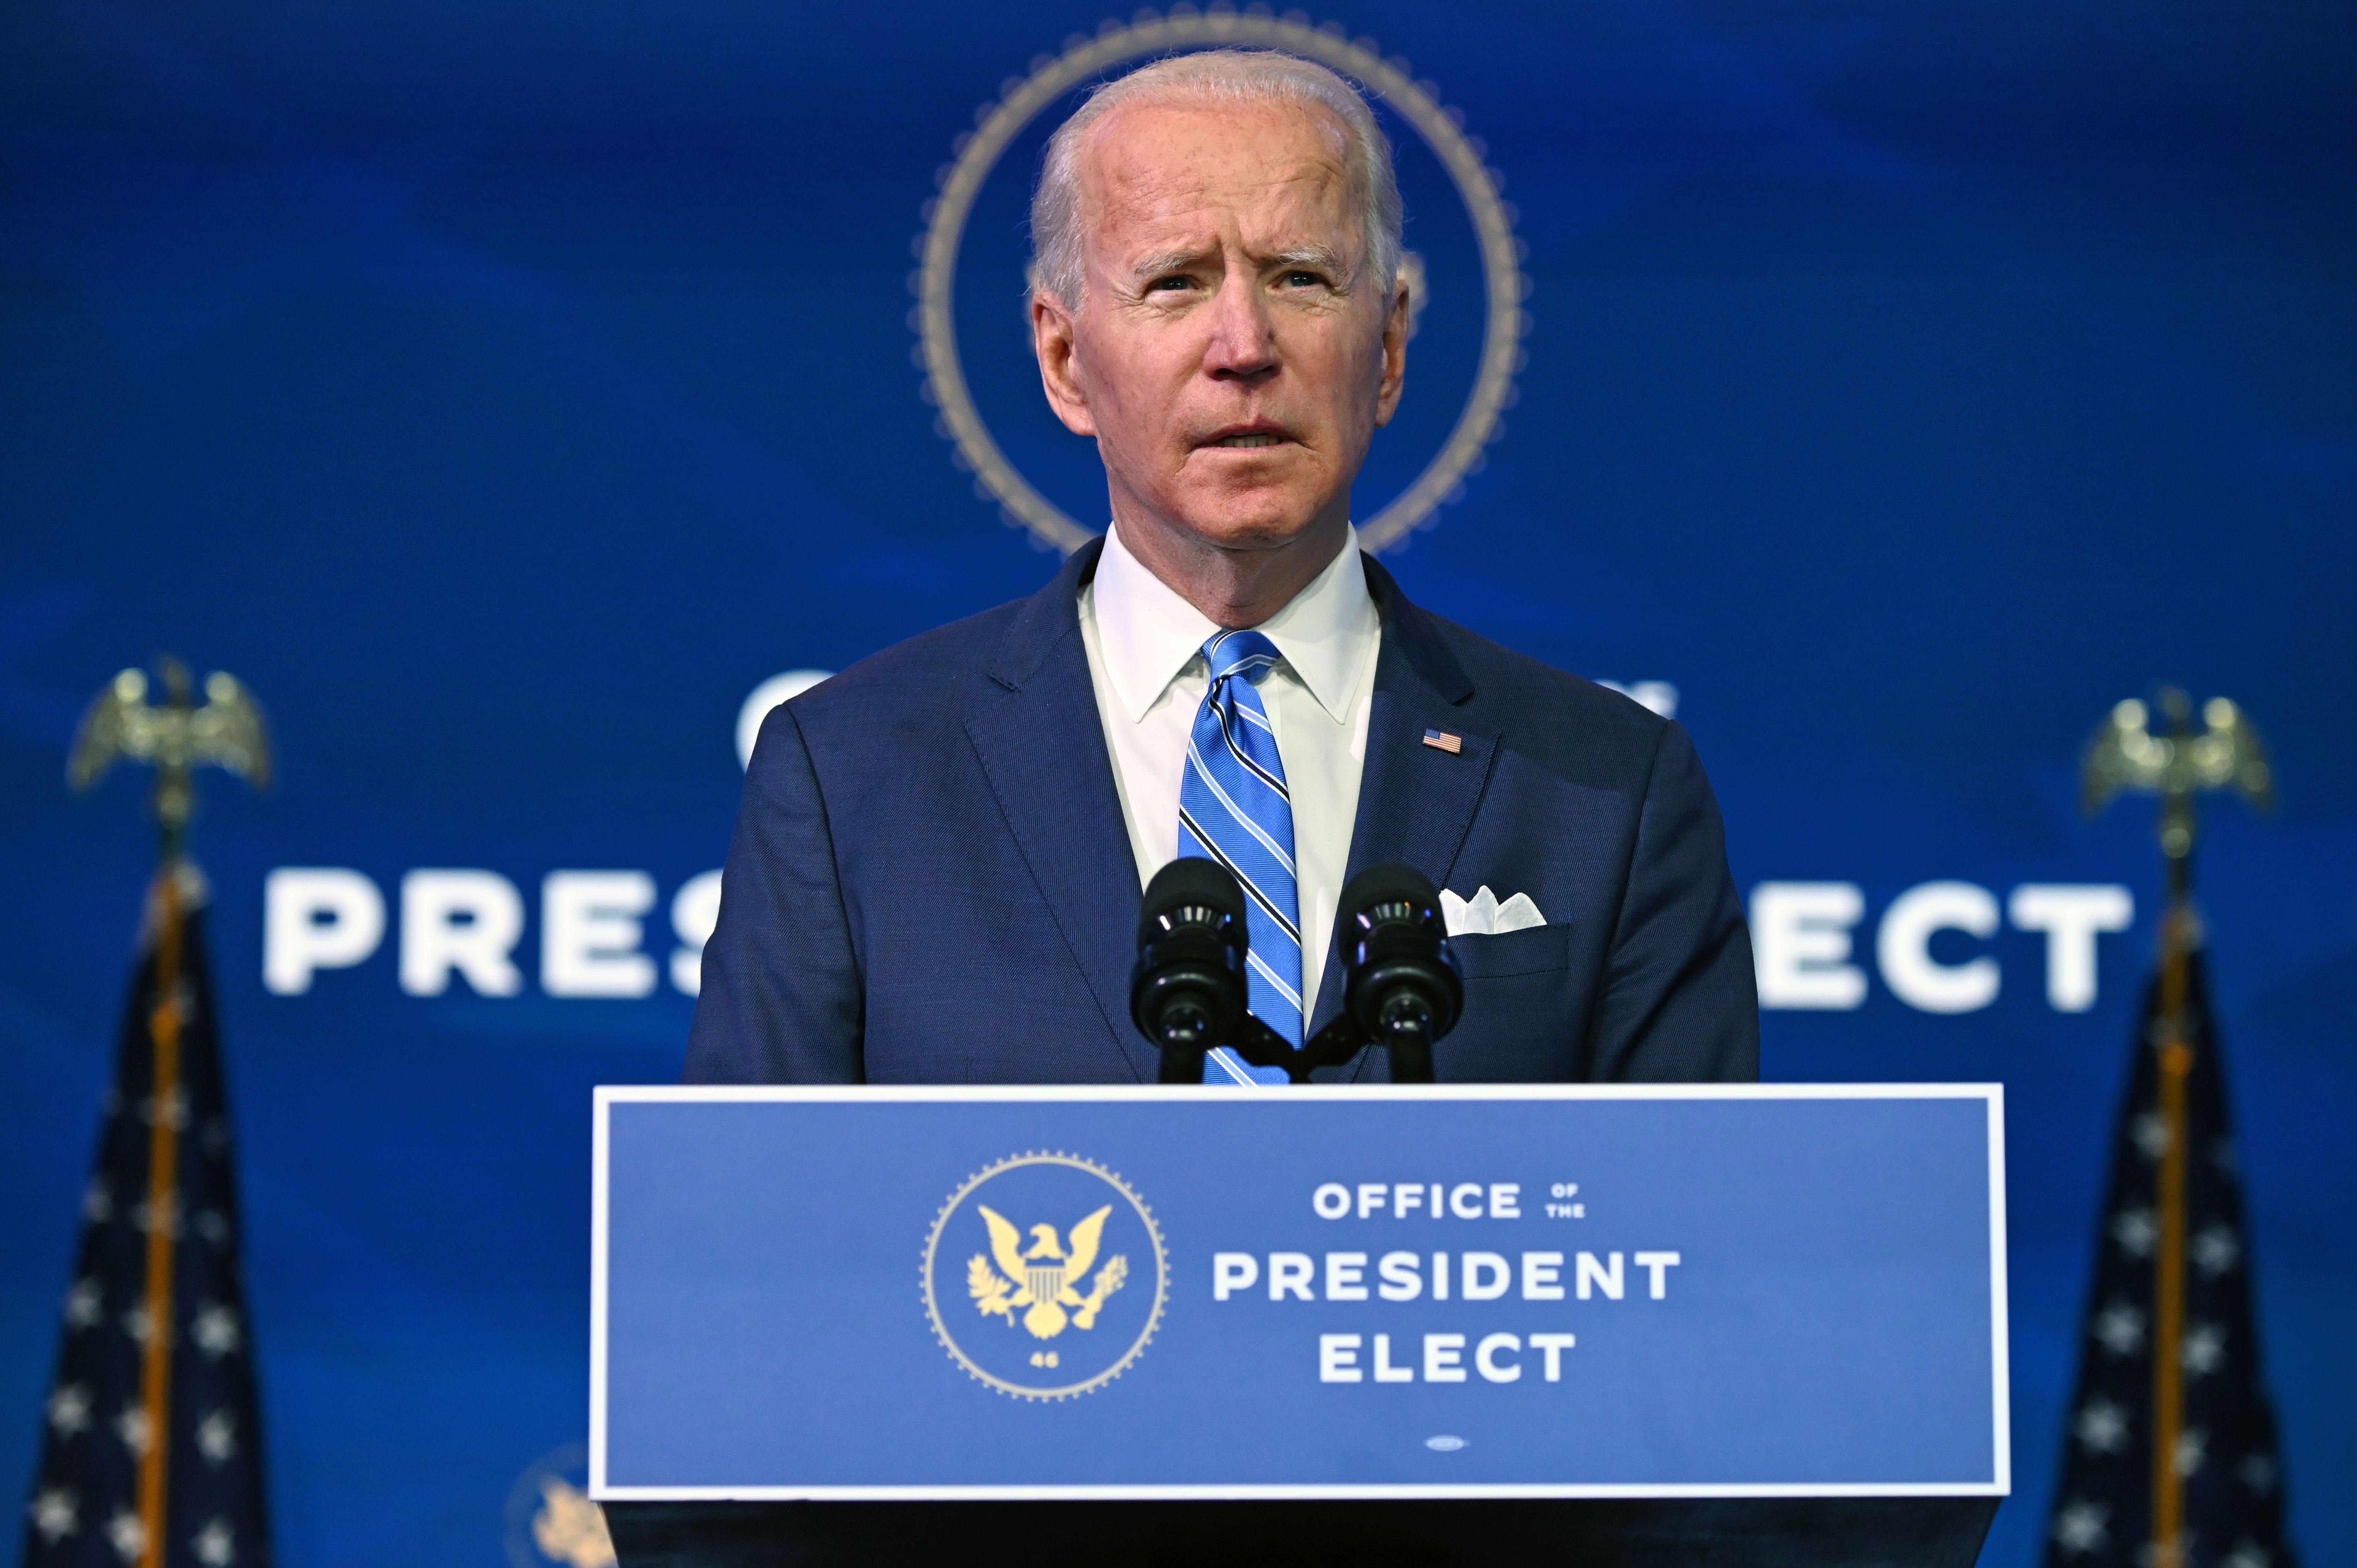 President-elect Joe Biden speaks in Wilmington, Delaware, on January 14.